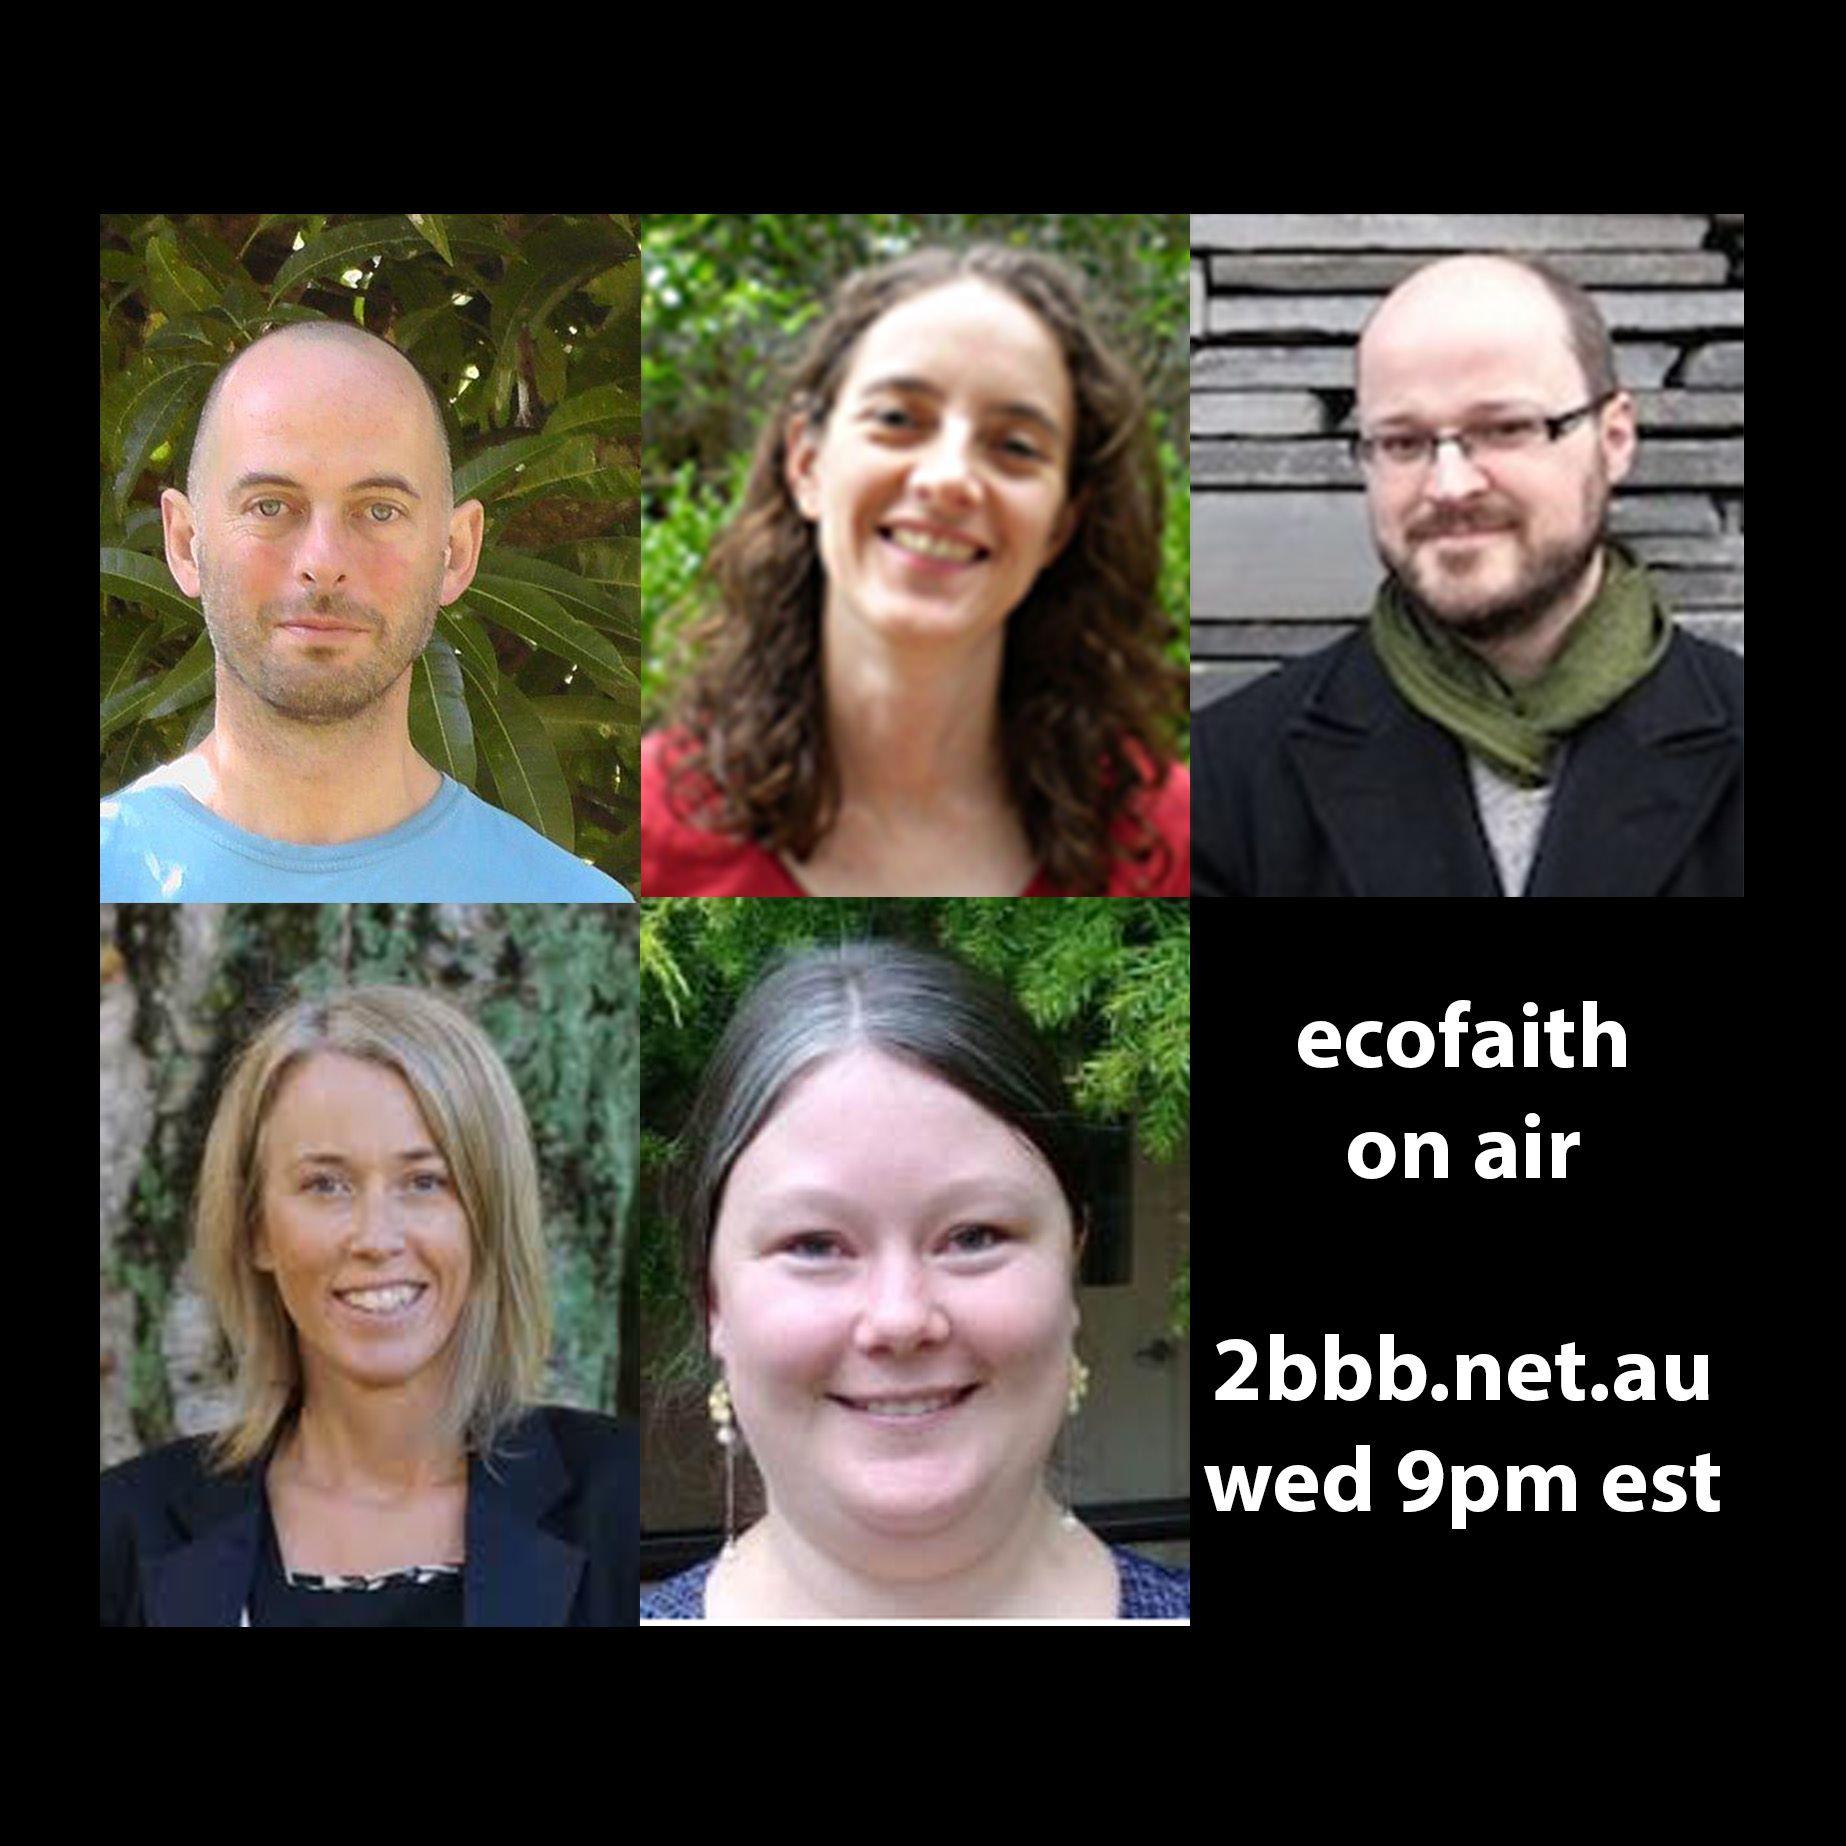 ecofaith on the air